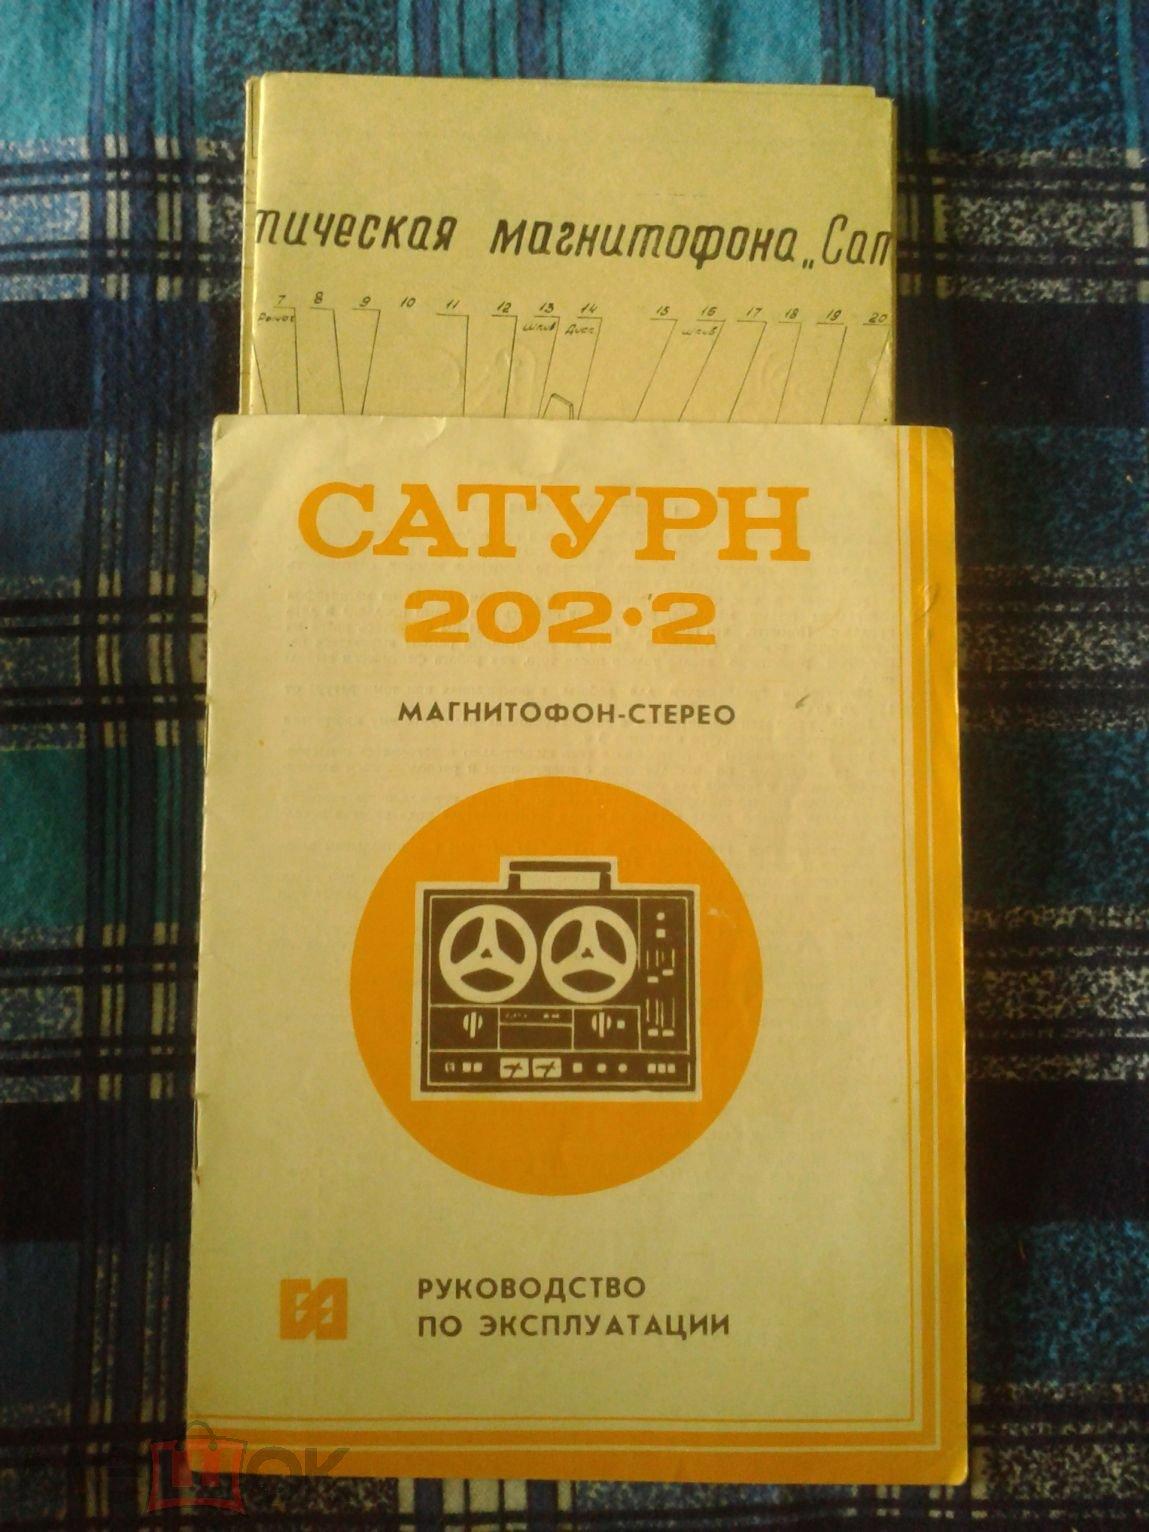 1987 стерео магнитофон сатурн 202-2 руководство по эксплуатации схемы.